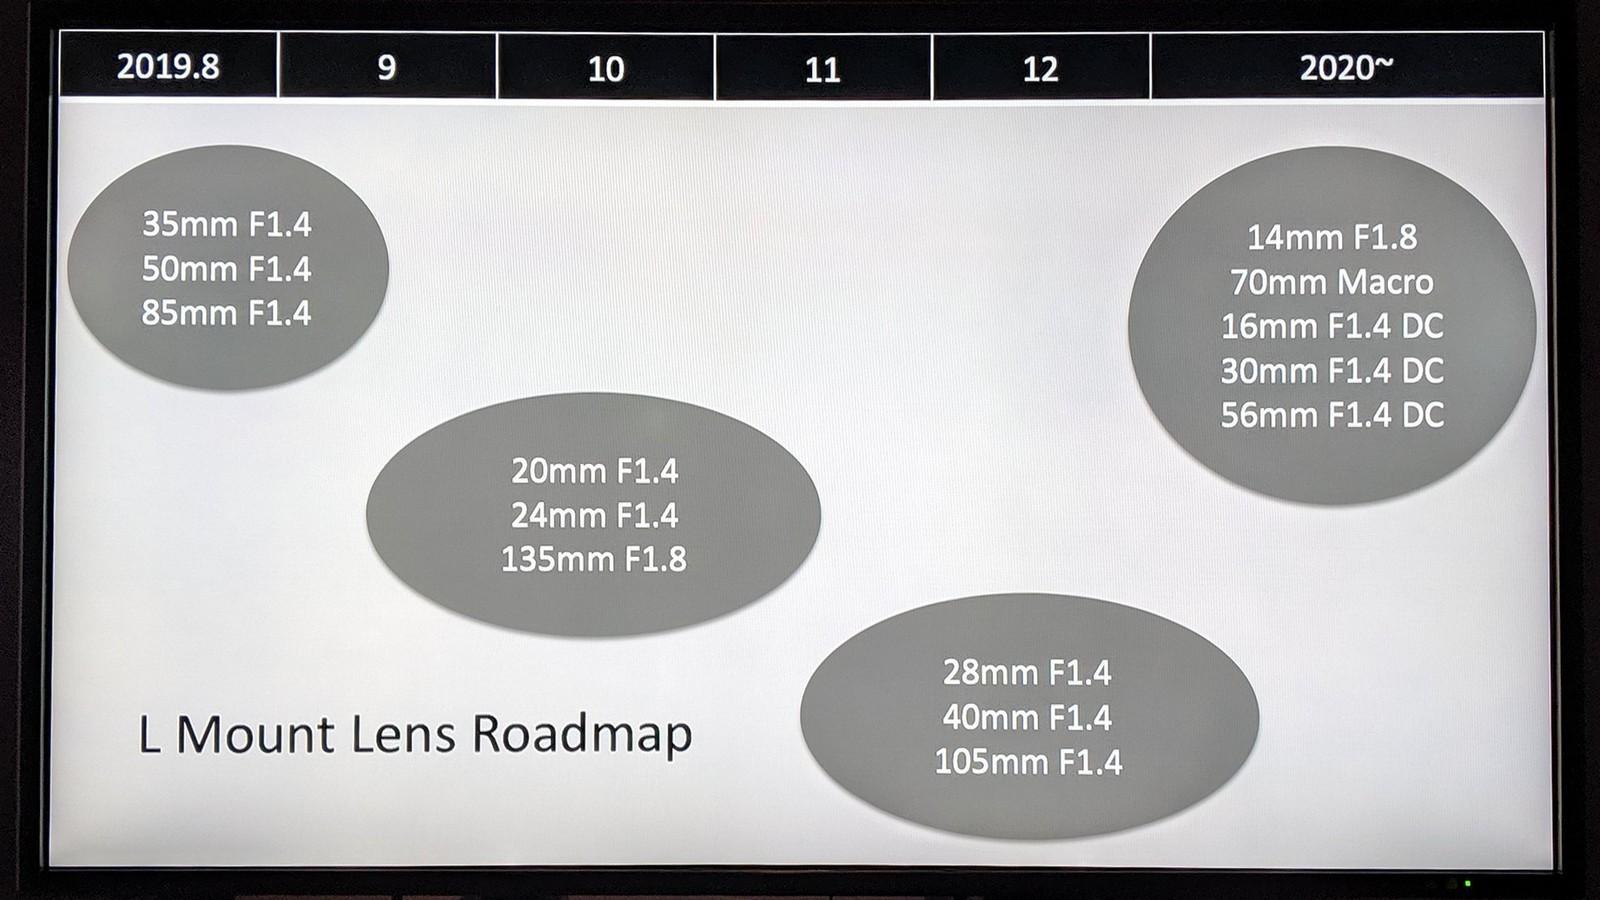 Схема планов Sigma на выпуск оптики для L-Mount